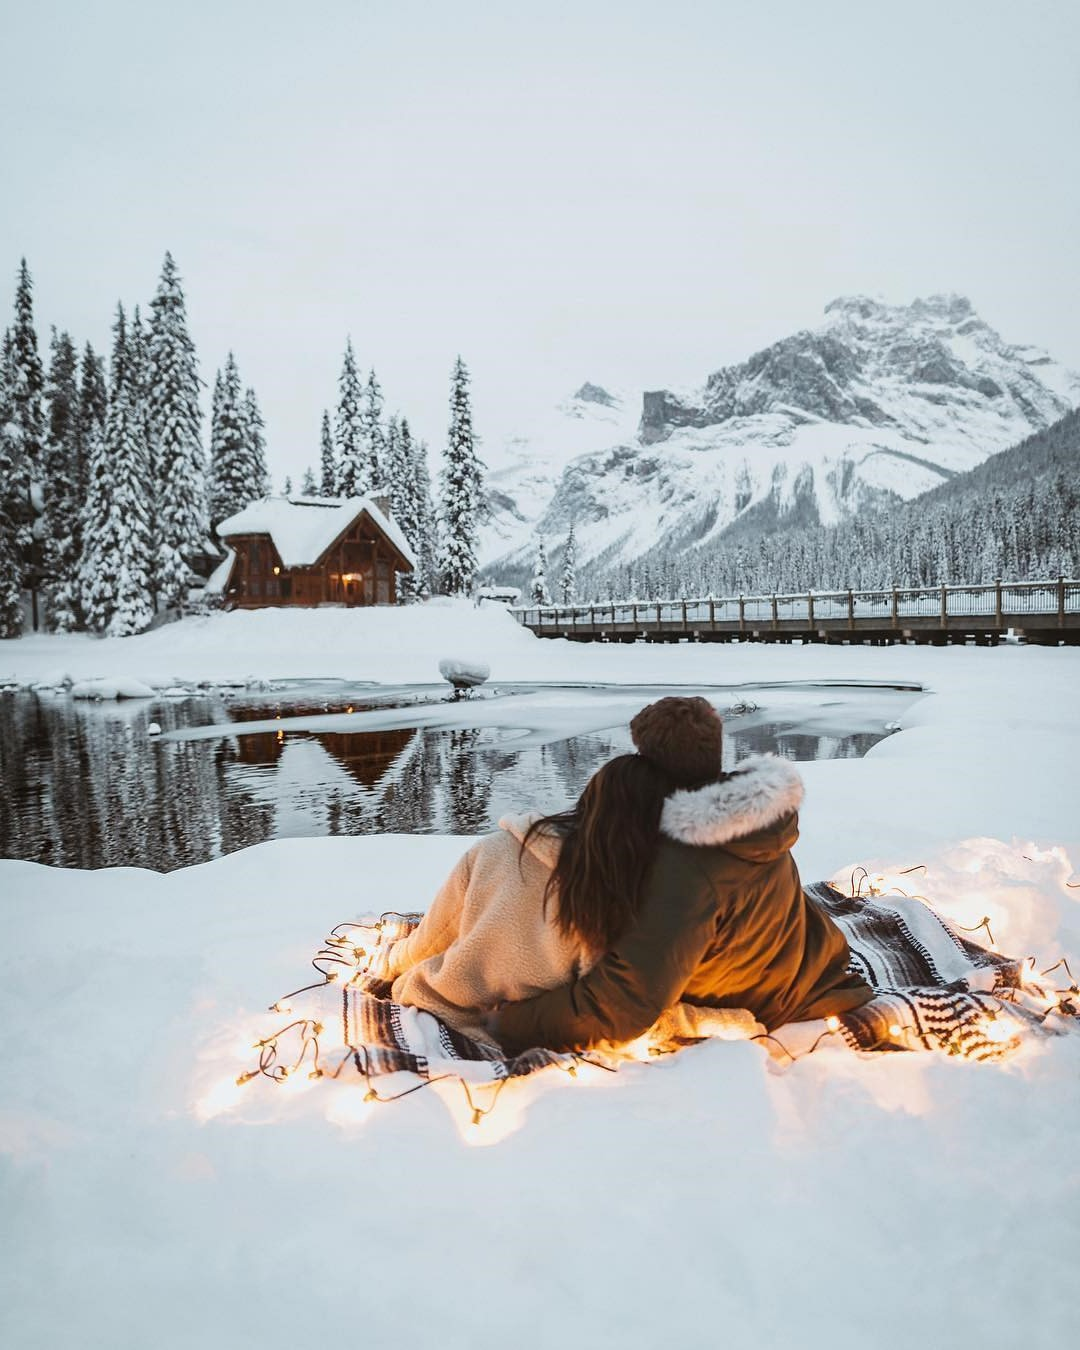 Profitez d'une promenade dans les montagnes enneigées.